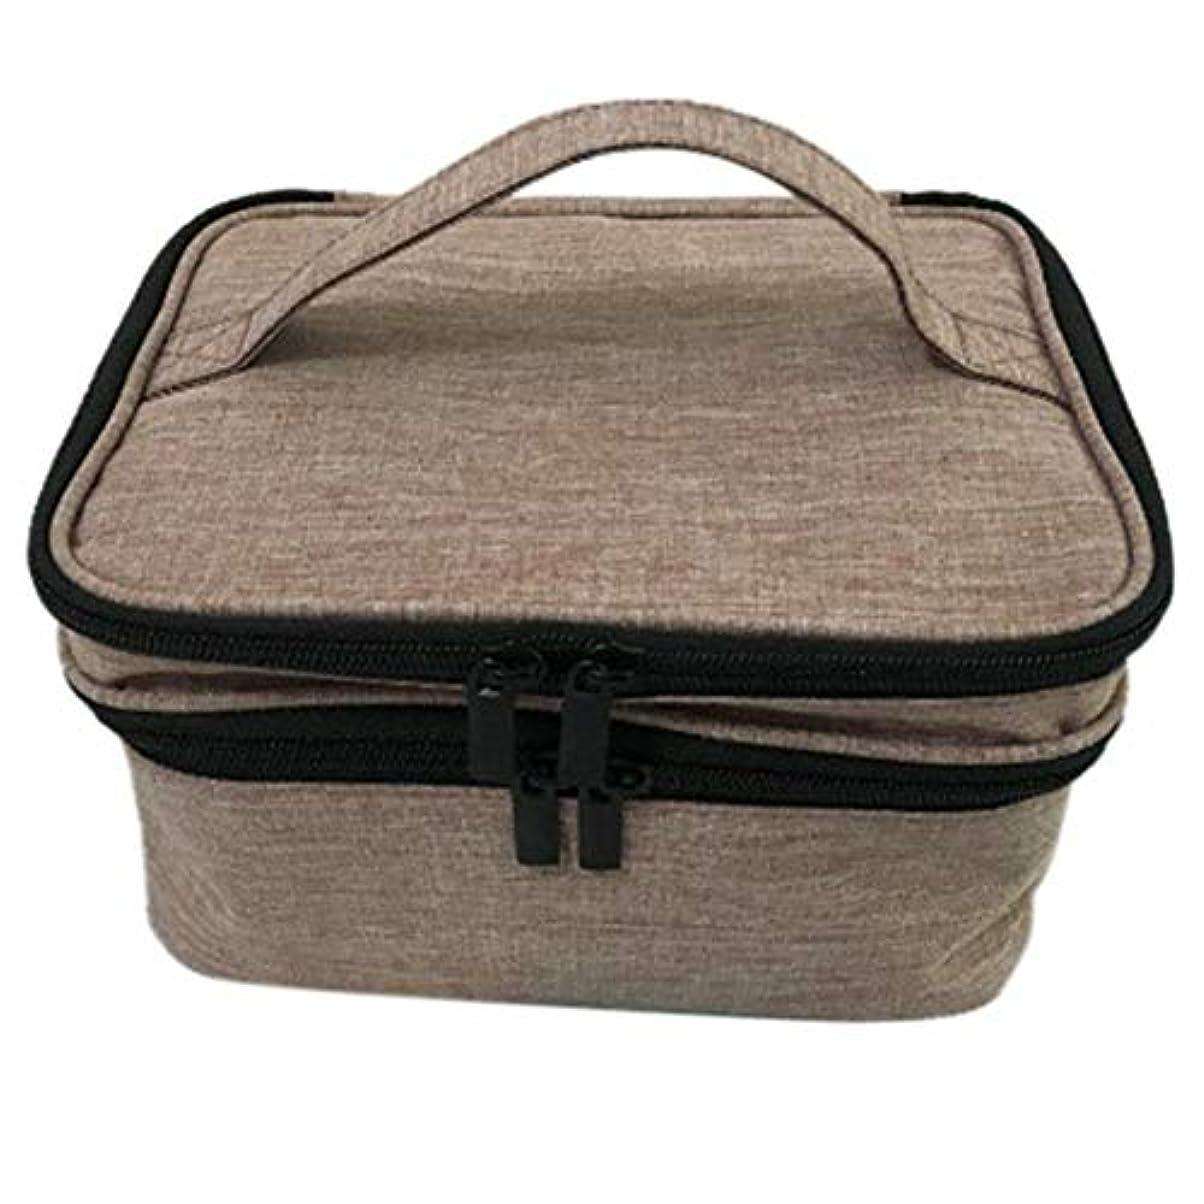 ベース教会やりすぎ収納バッグ 30格 仕切り エッセンシャルオイル 精油 保管袋 収納ボックス 収納ケース 精油ケース 香水収納バッグ 不織布 携帯便利 耐震 30本用 (5ml~30ml)